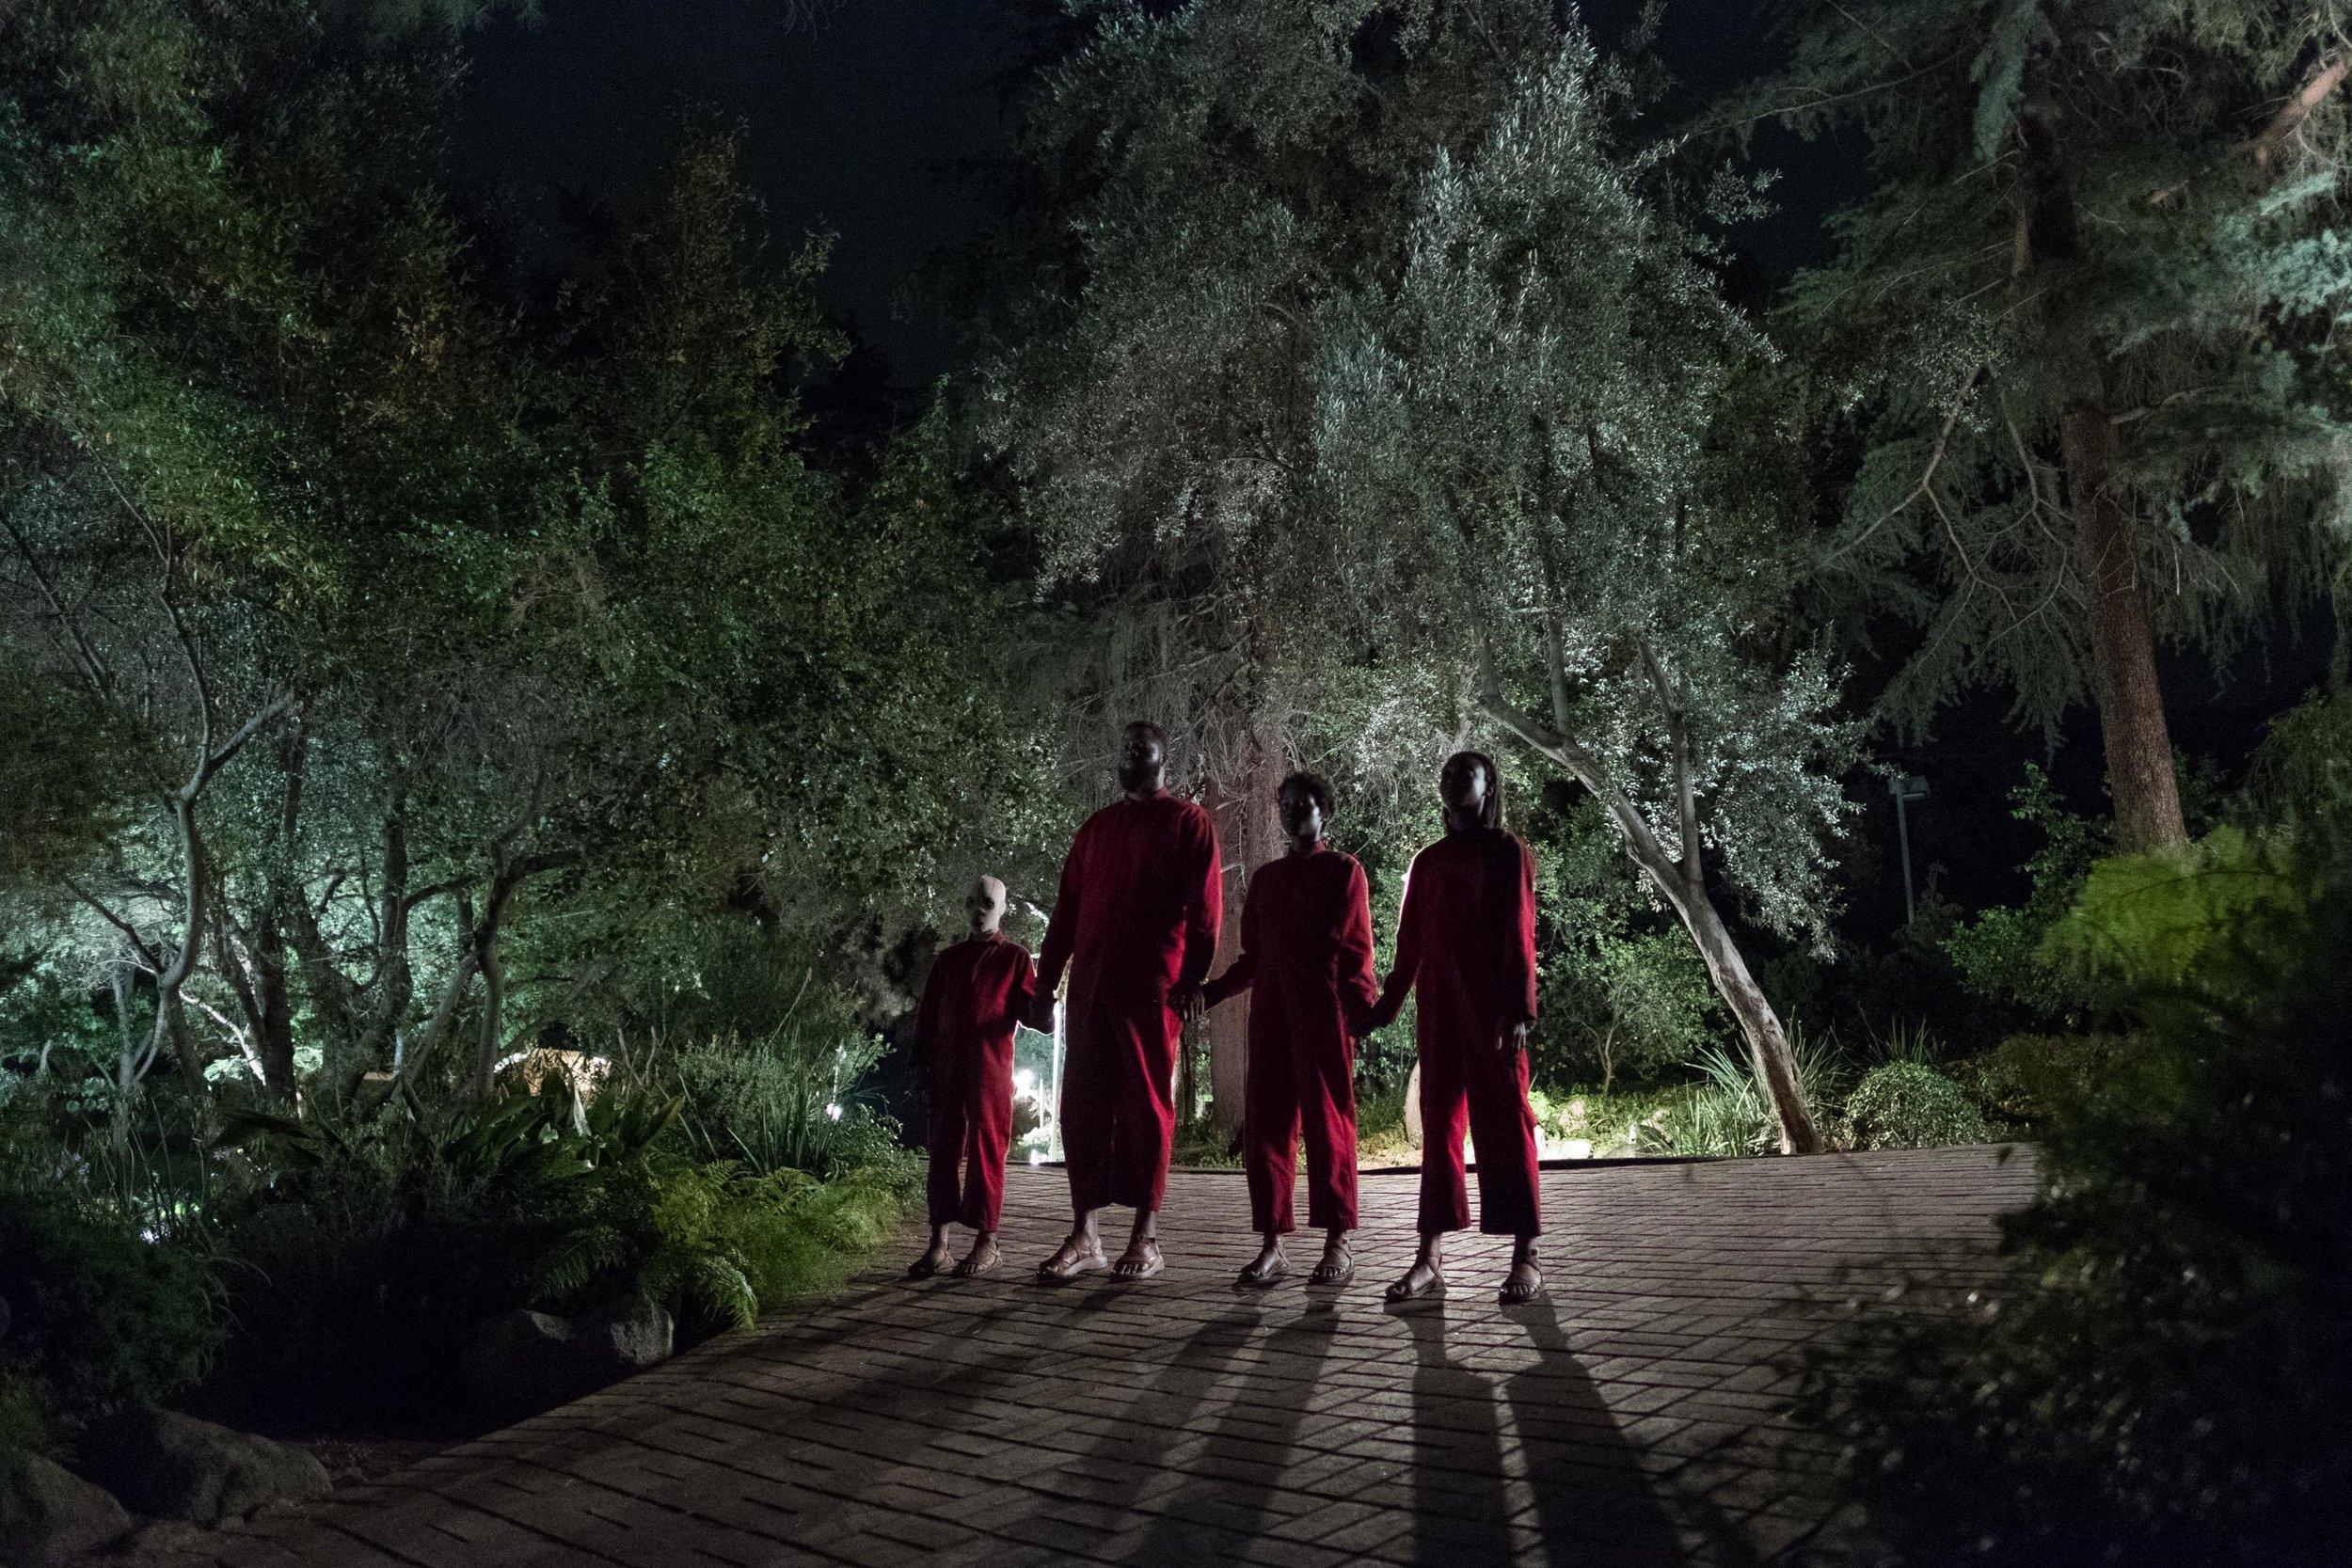 Us | 我們異 | Jordan Peele | 🇺🇸 | 2019